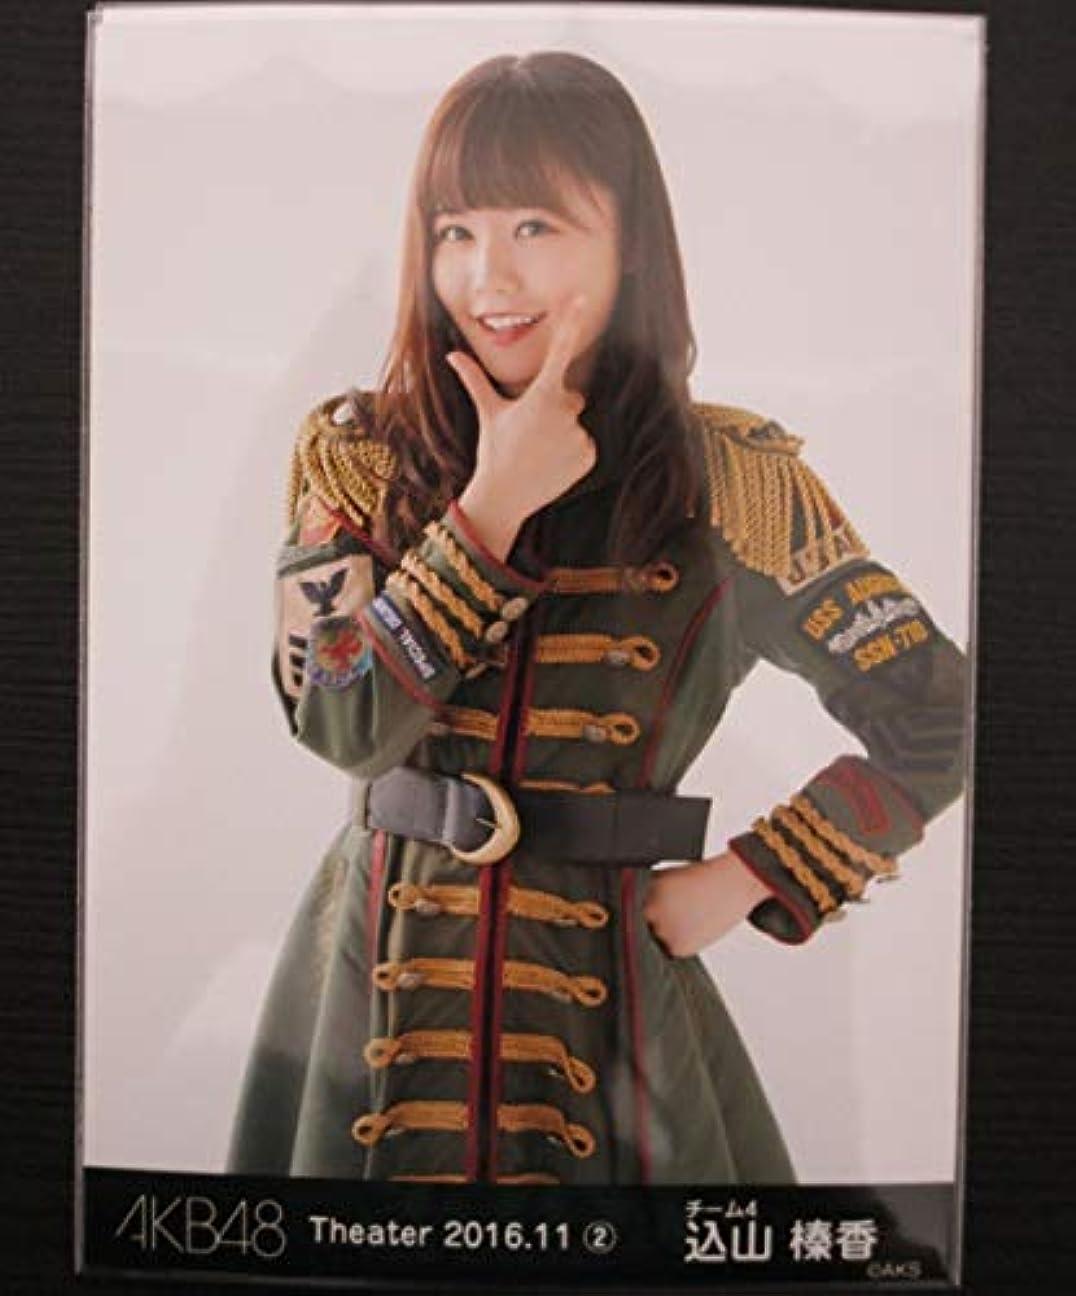 メイトシャーク然としたAKB48 山榛香 Theater 2016.11 ② チュウ